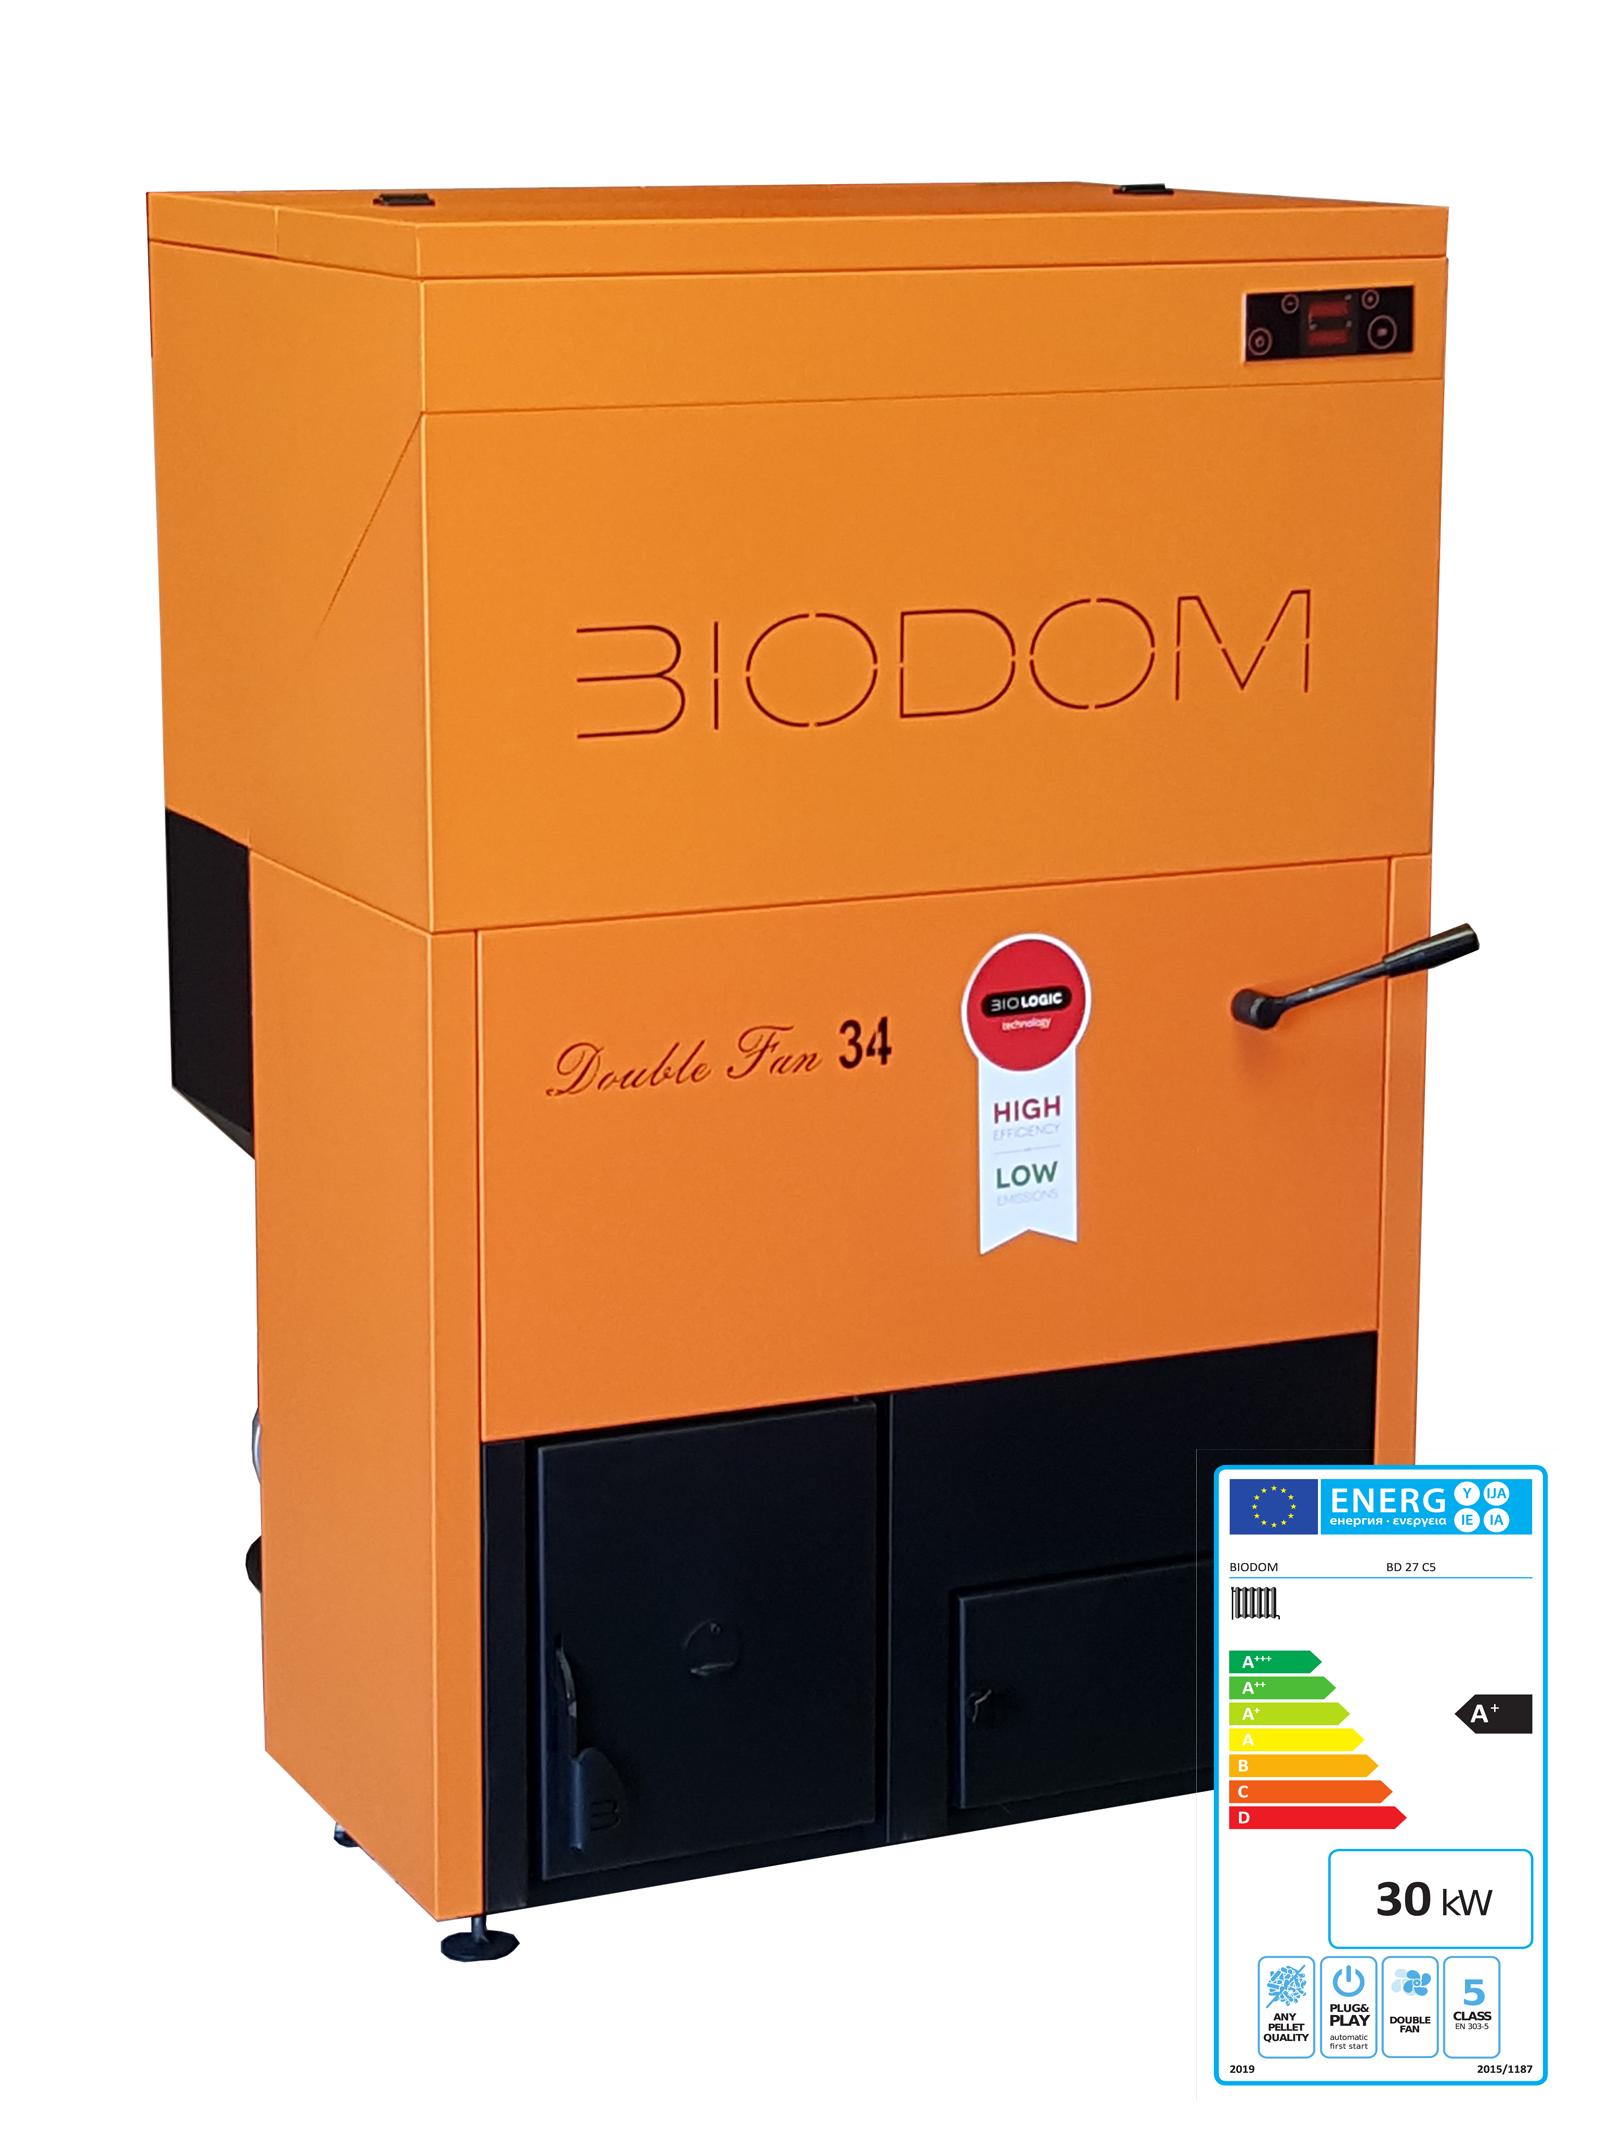 Pelletketel Biodom 27C5 met energielabel